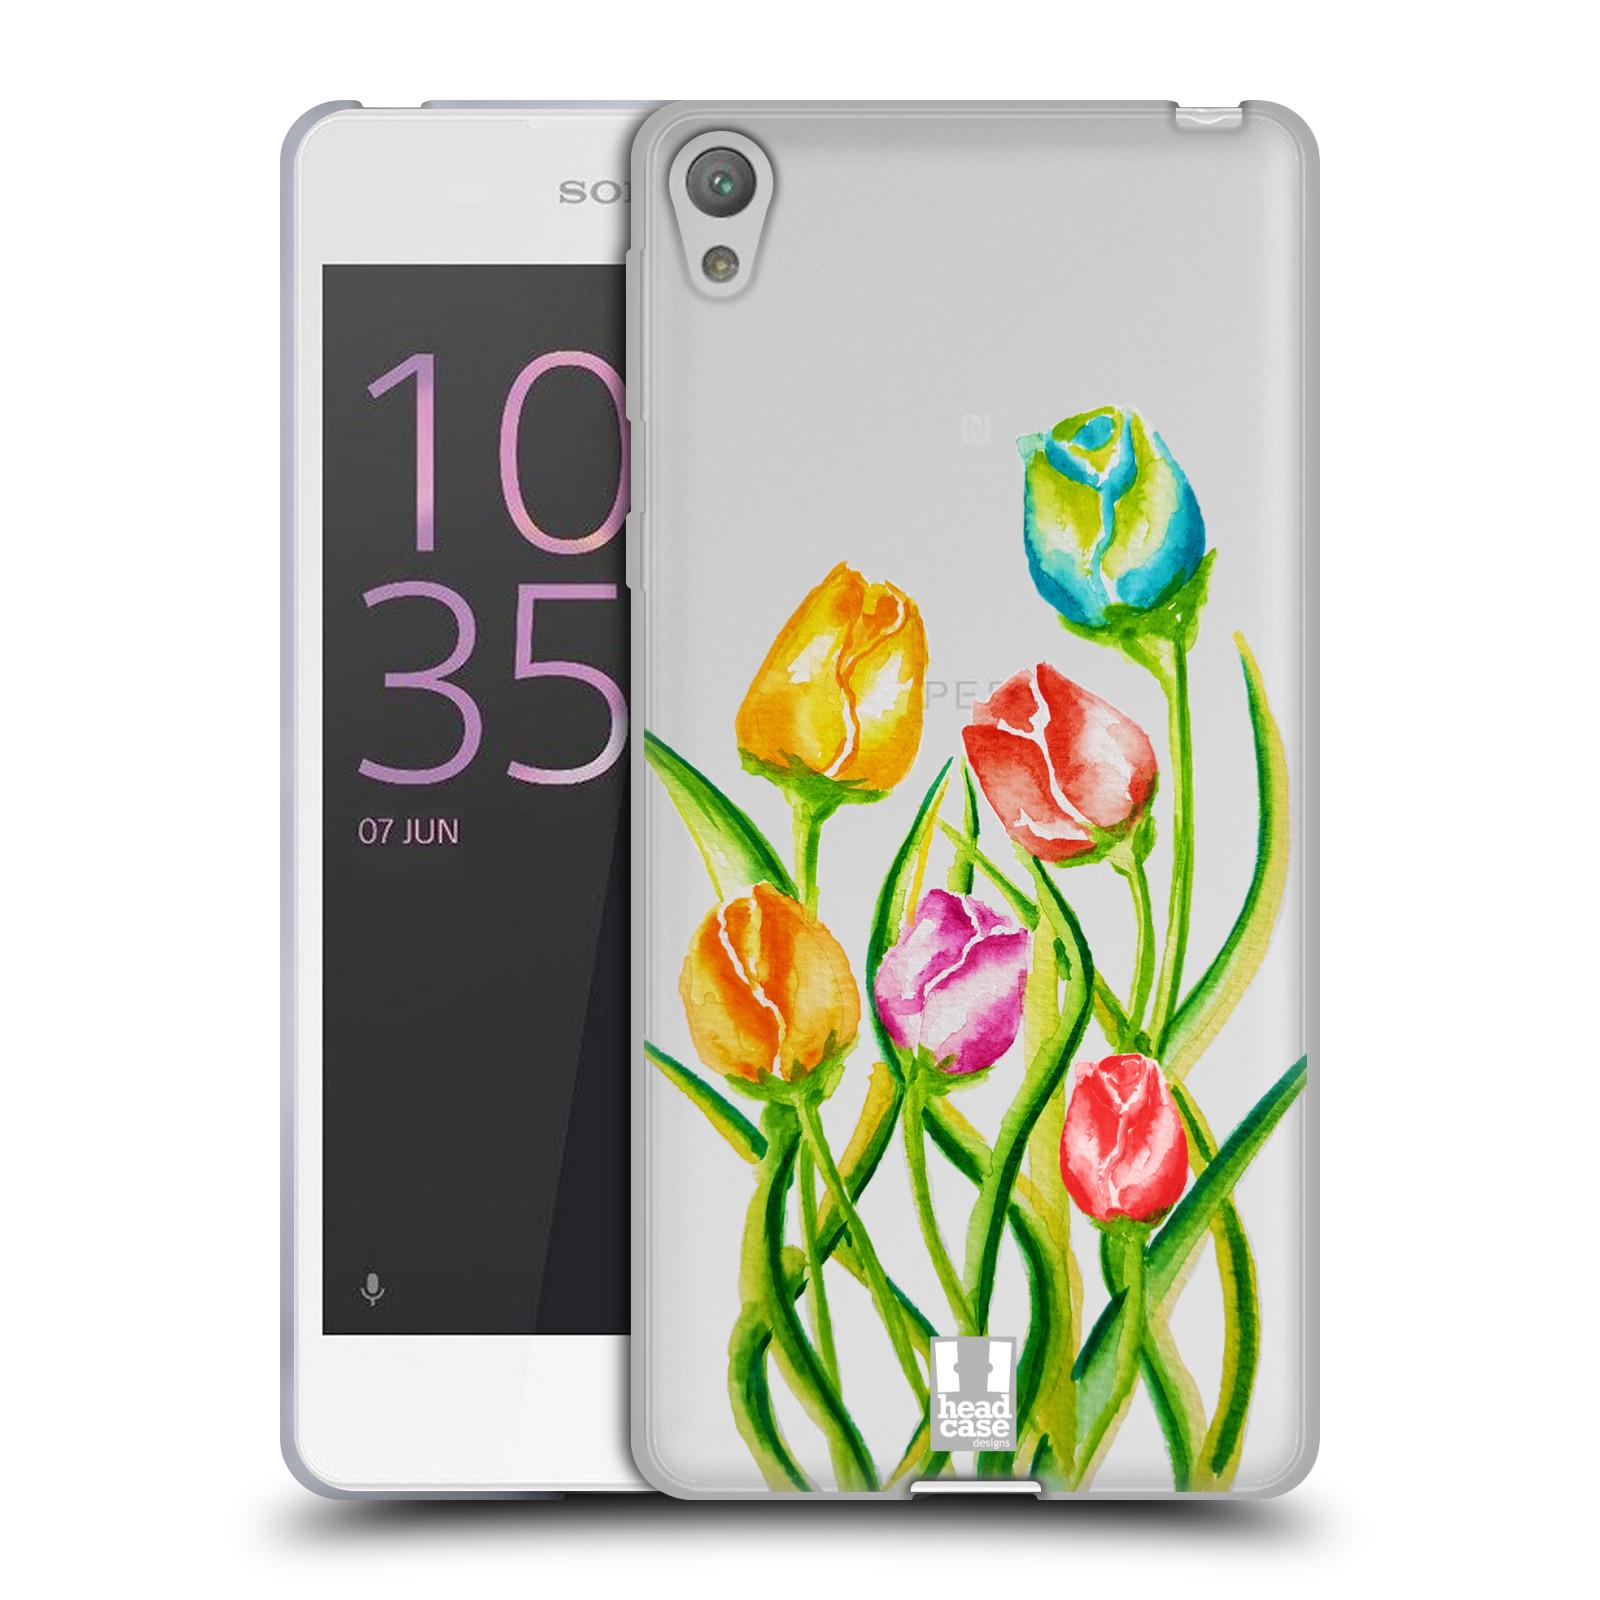 HEAD CASE silikonový obal na mobil Sony Xperia E5 Květina Tulipán vodní barvy